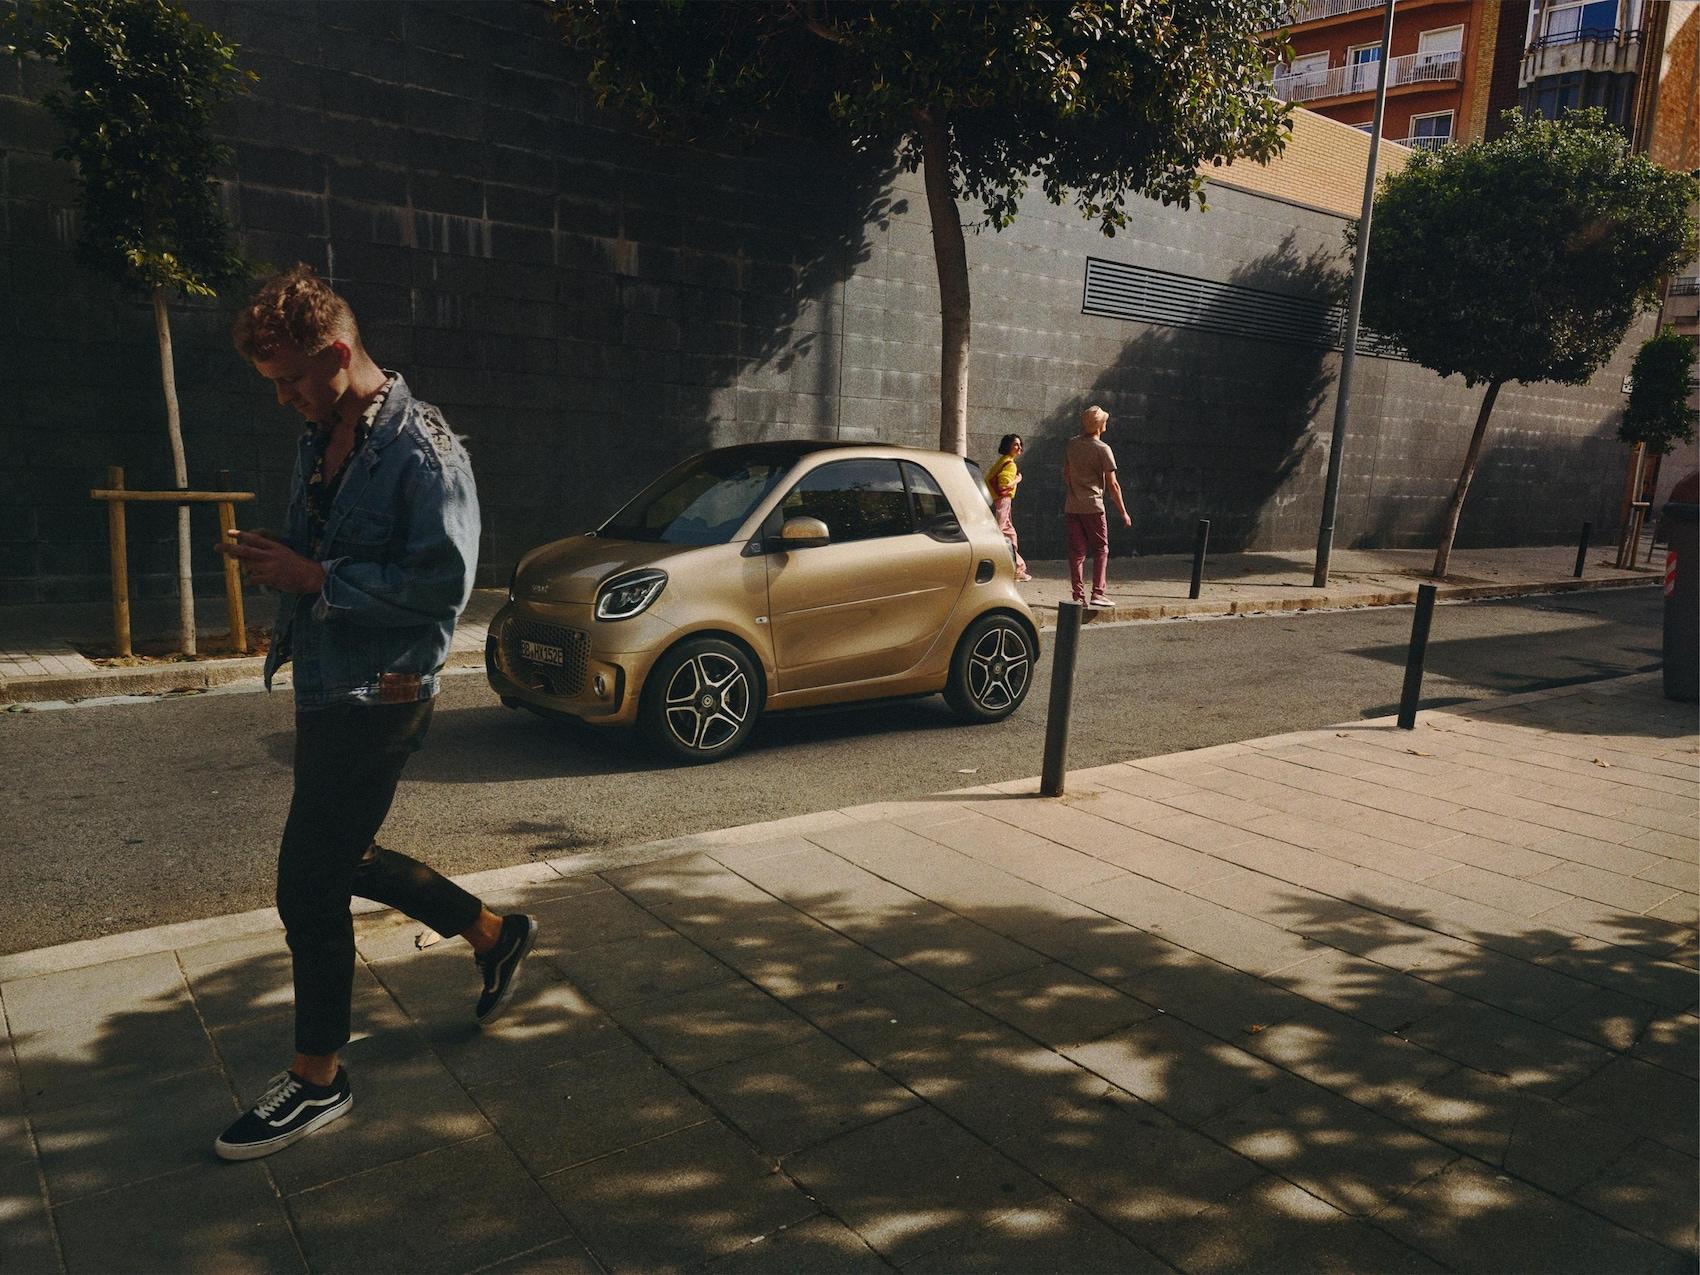 Ein smart EQ fortwo auf der Straße mit Fußgängern.